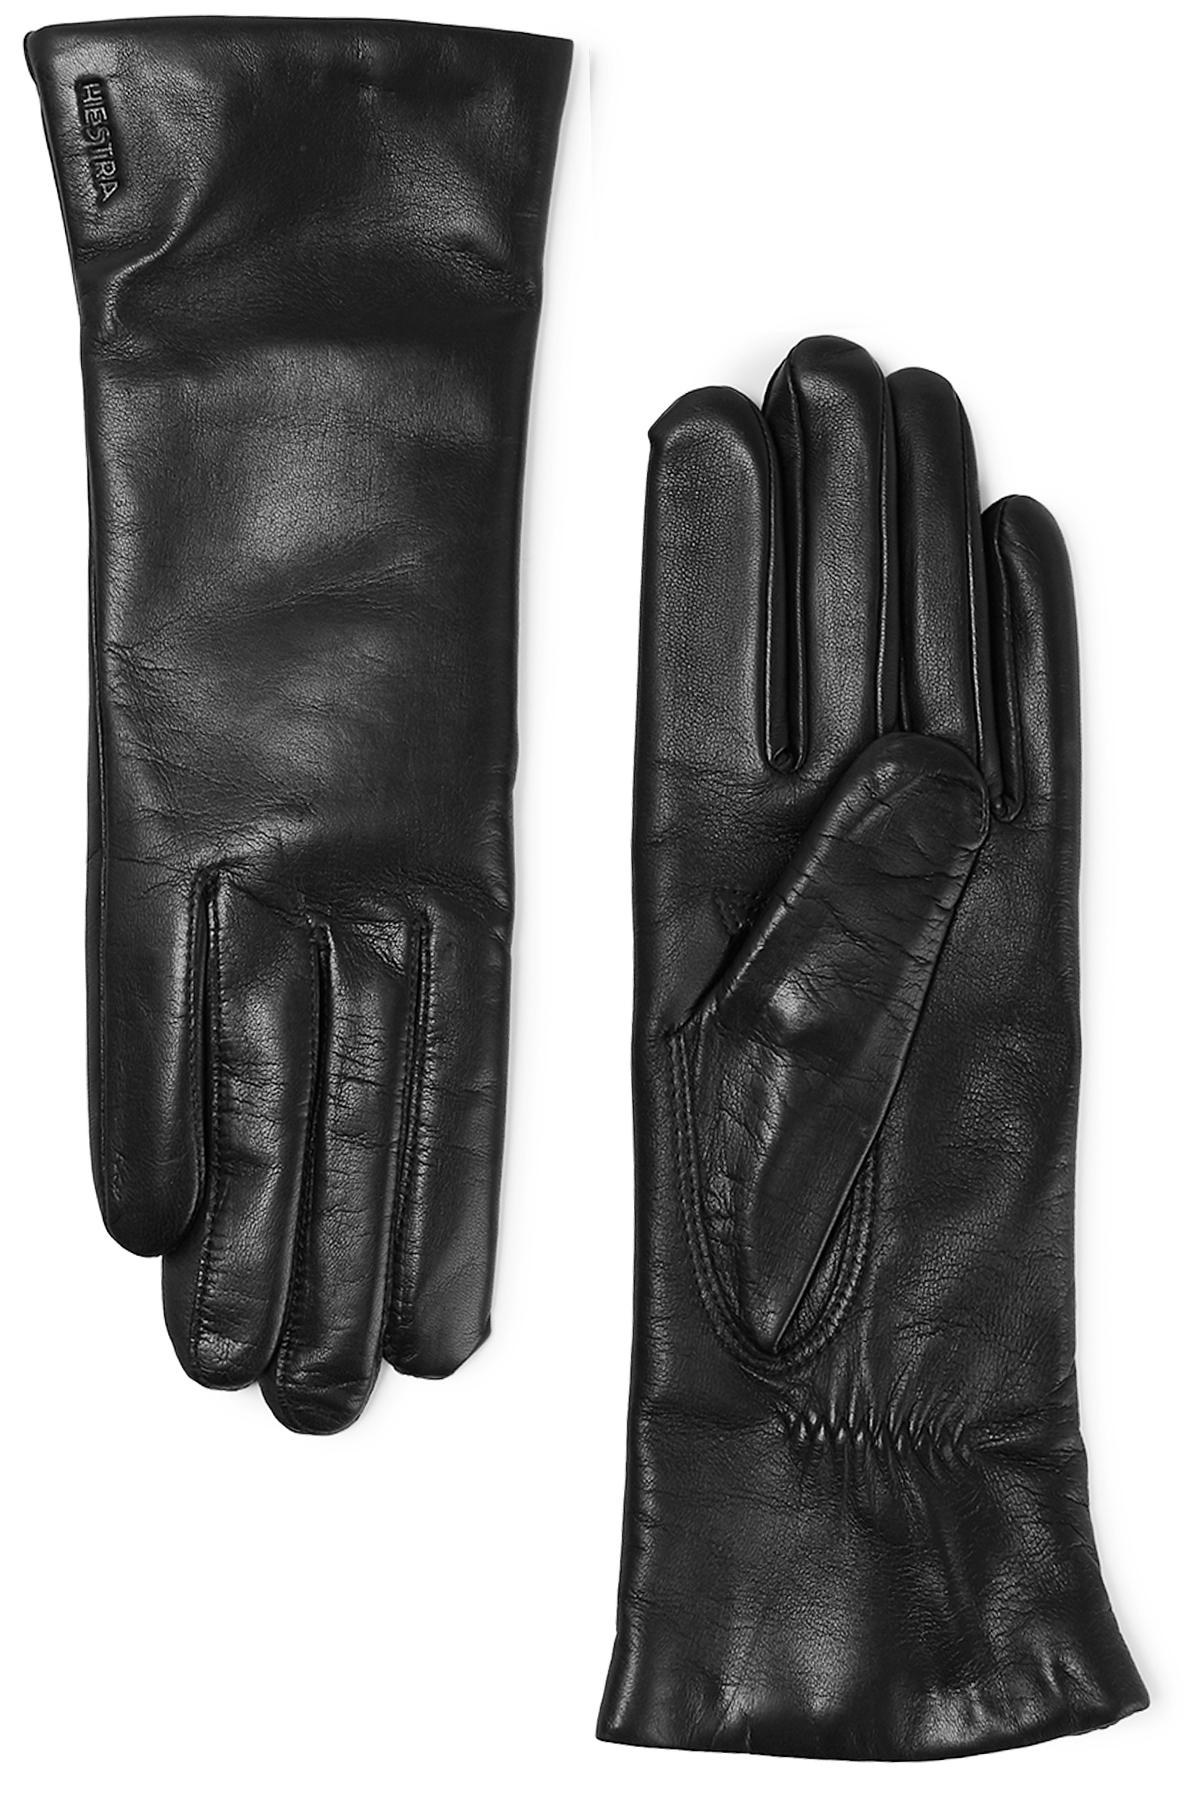 Gloves By Hestra In Black Leather Glove Elisabeth